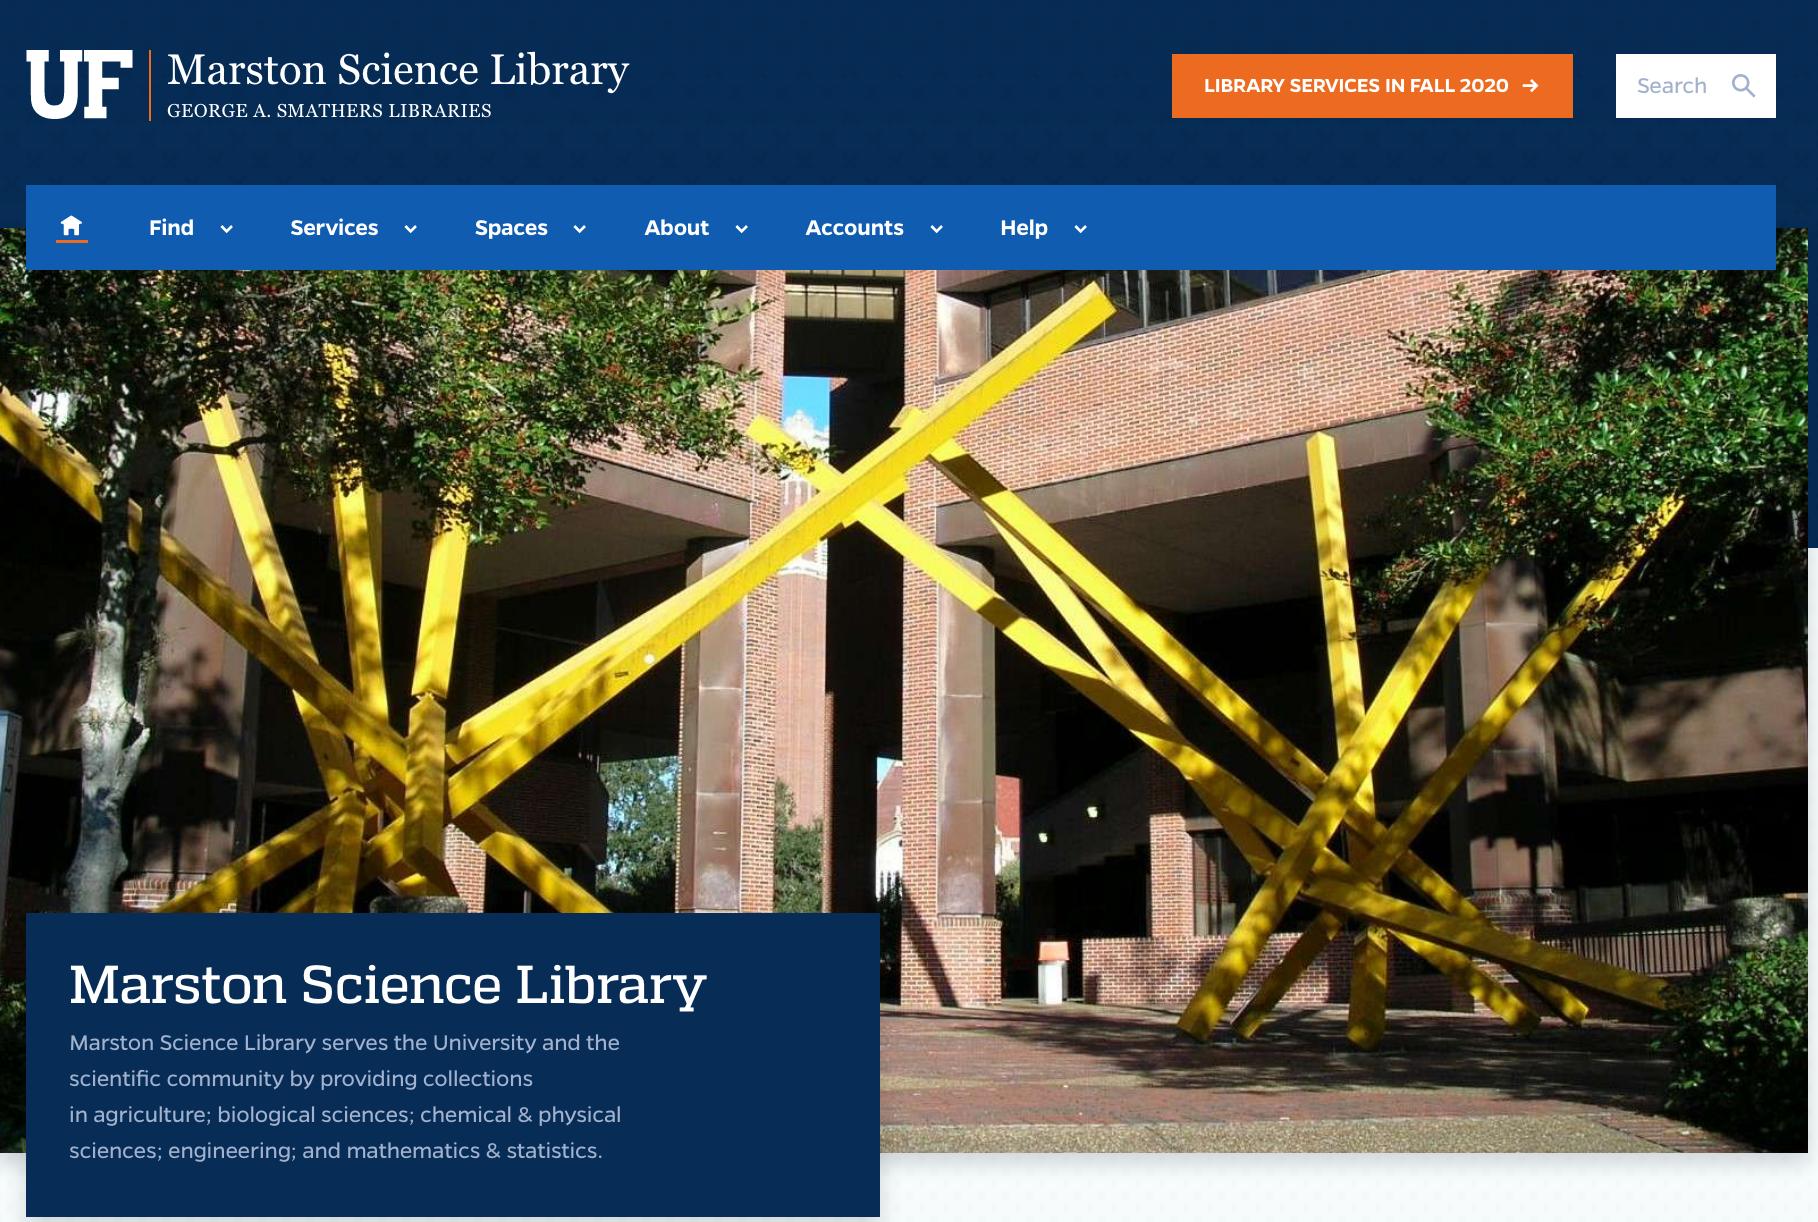 MSL website image